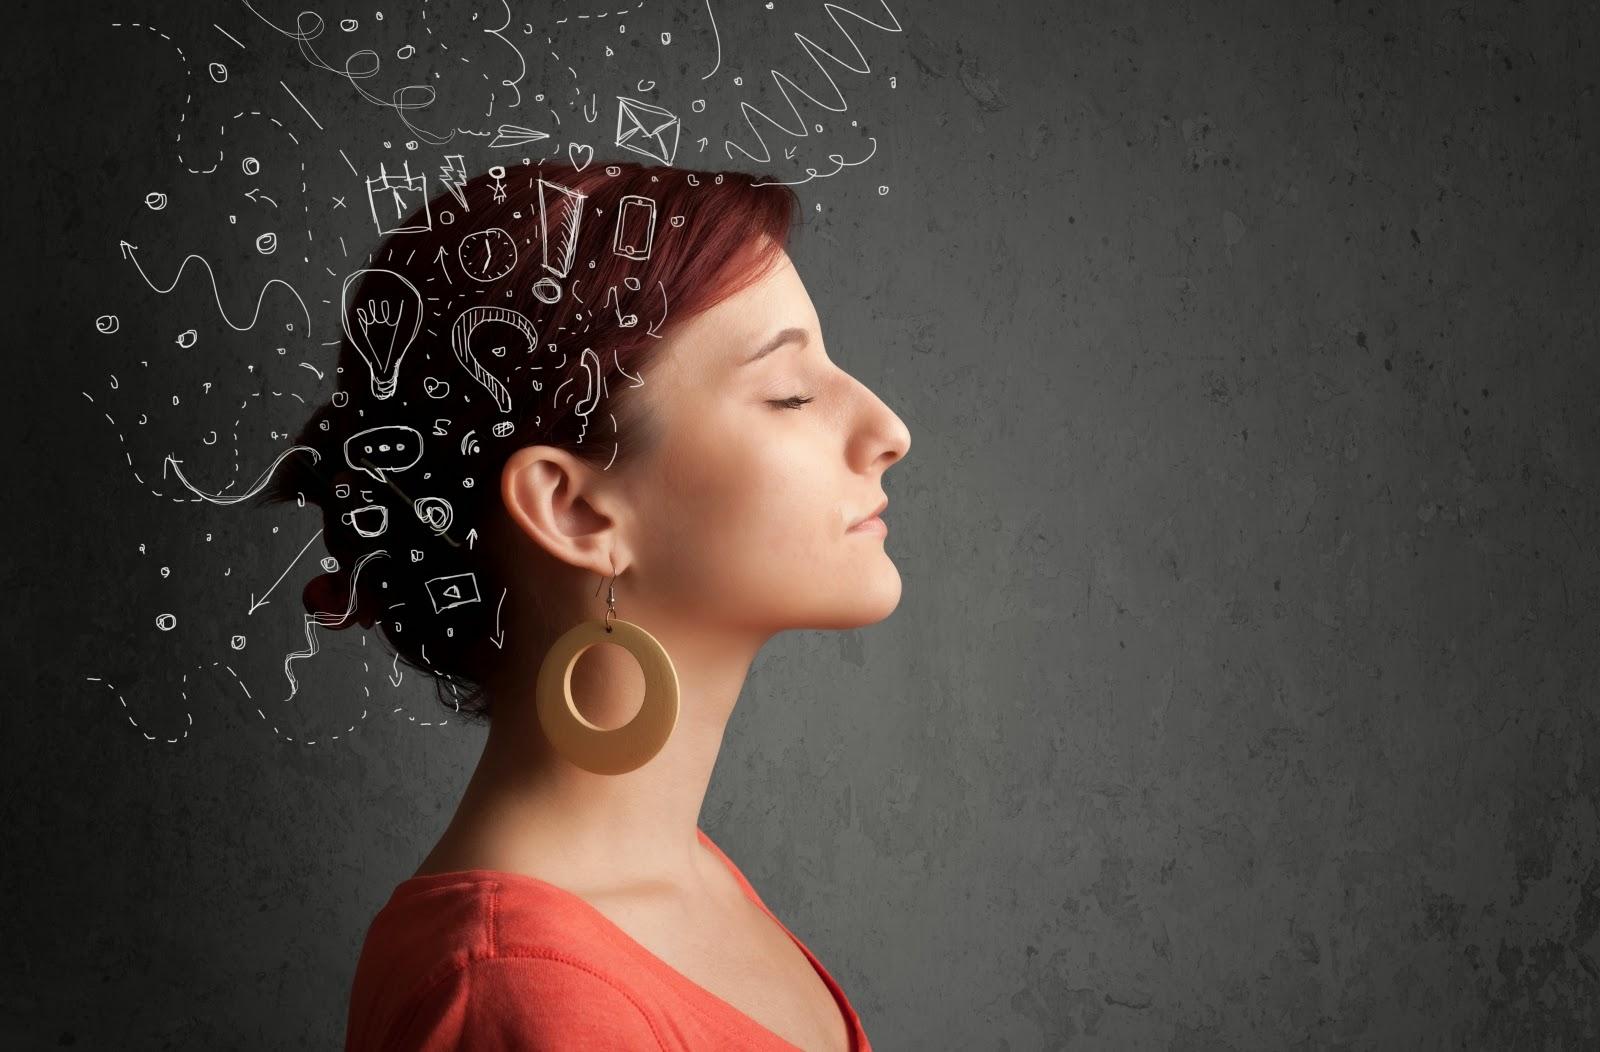 autoconhecimento, Luiza Rezende, meditação, reflexão, Zona de conforto,